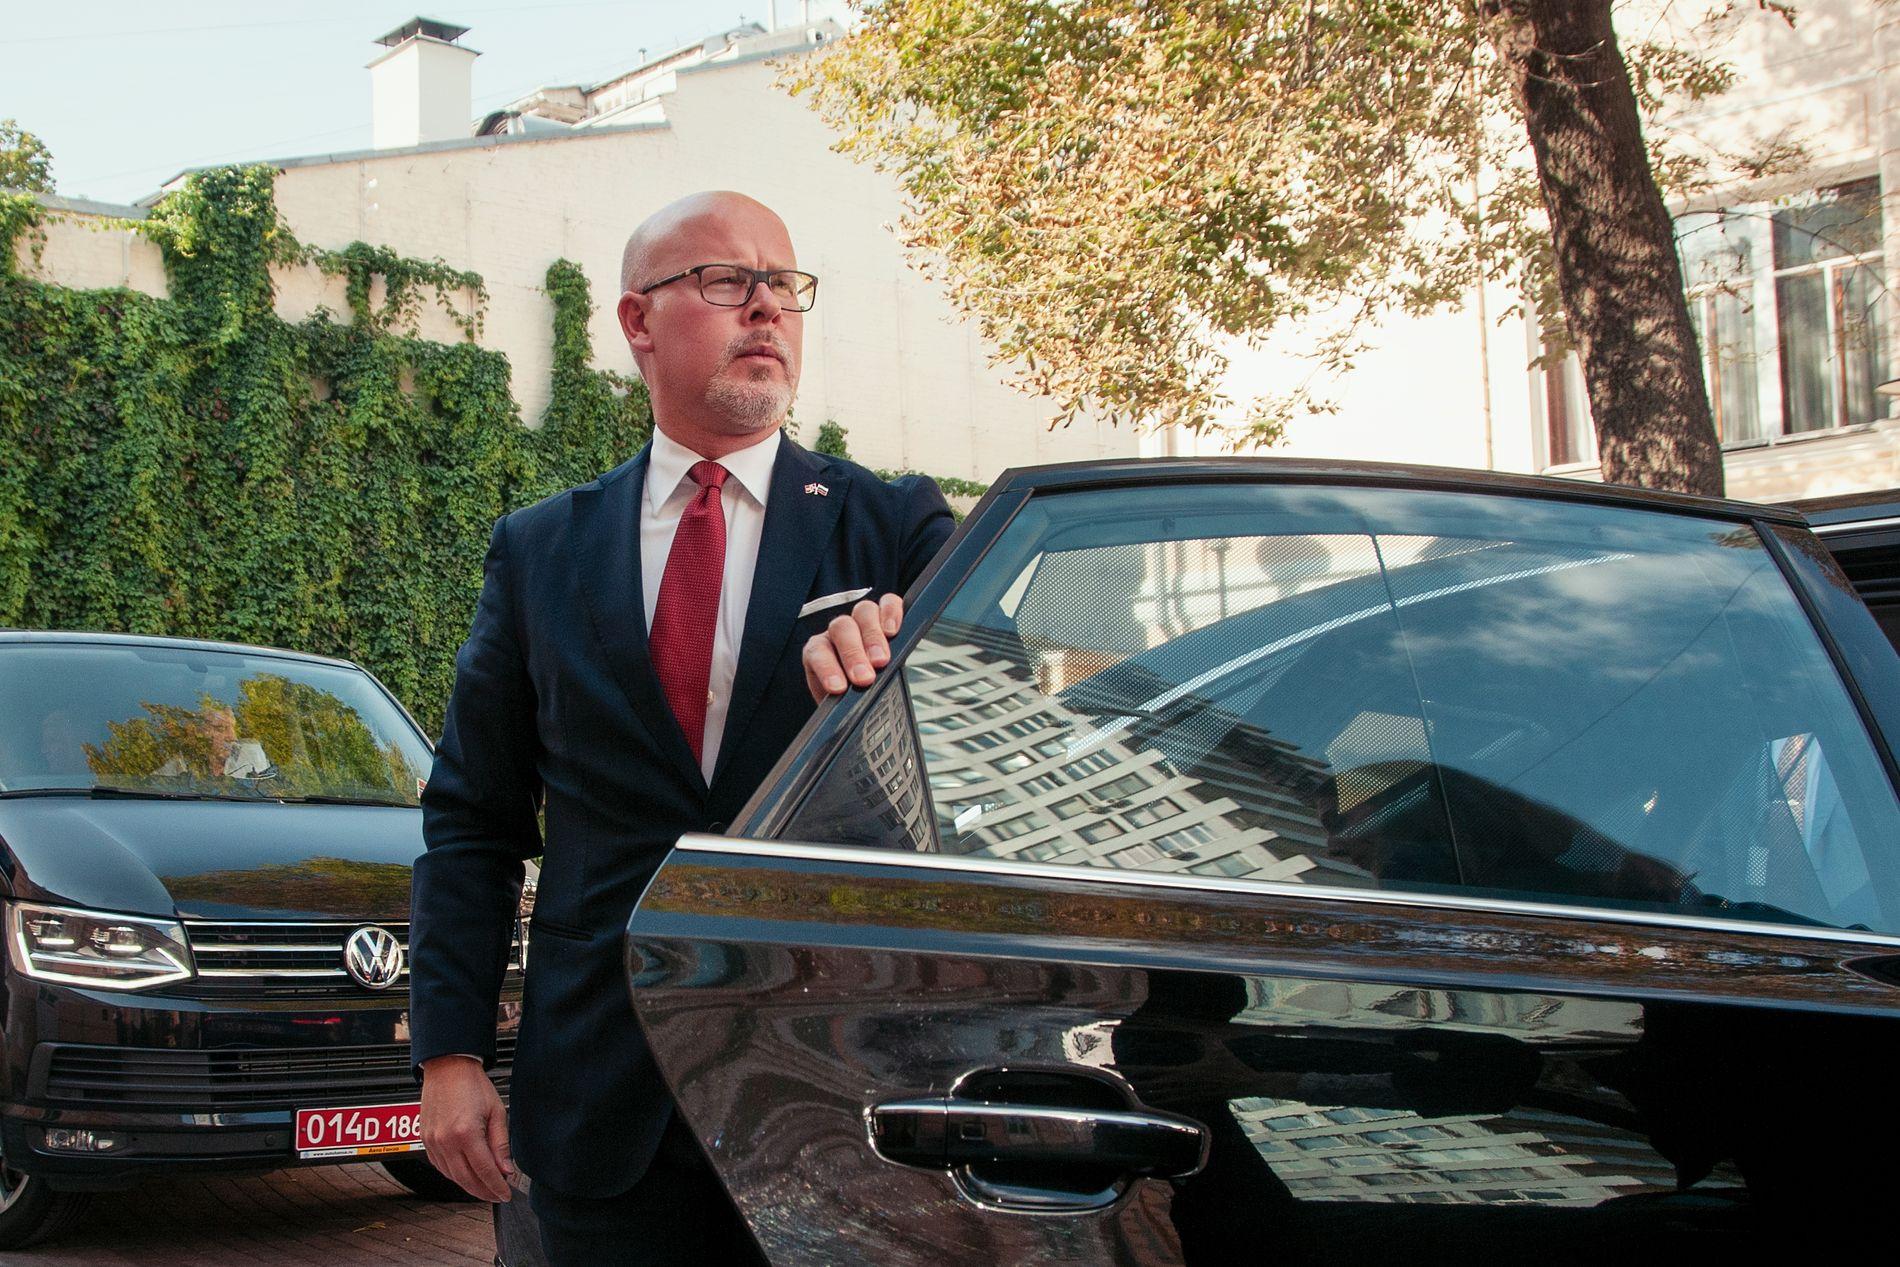 PÅ MØTER I RUSSLAND: Statssekretær Audun Halvorsen har denne uken vært på besøk i Russland.